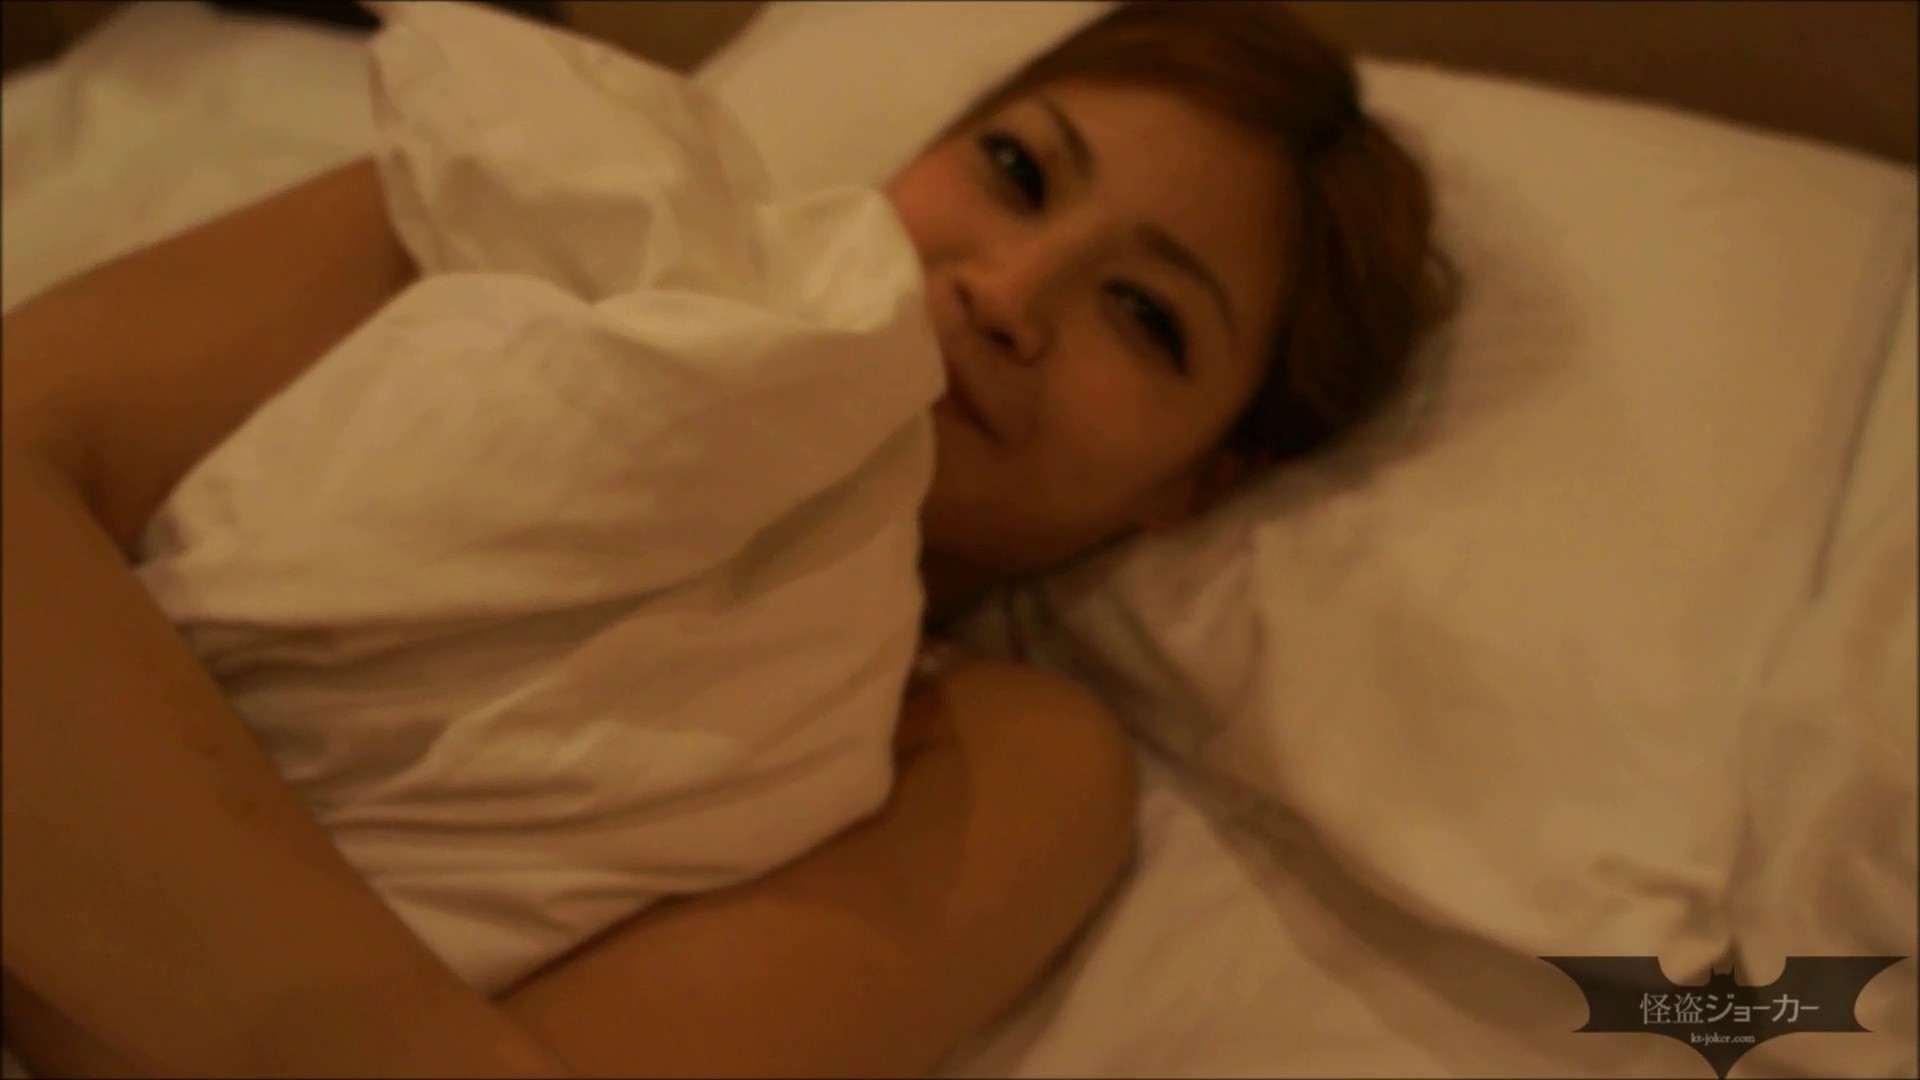 【未公開】vol.20 セレブ美魔女・カリソメの笑顔。最後の交わり...生中出し OLの実態   中出し  96pic 35